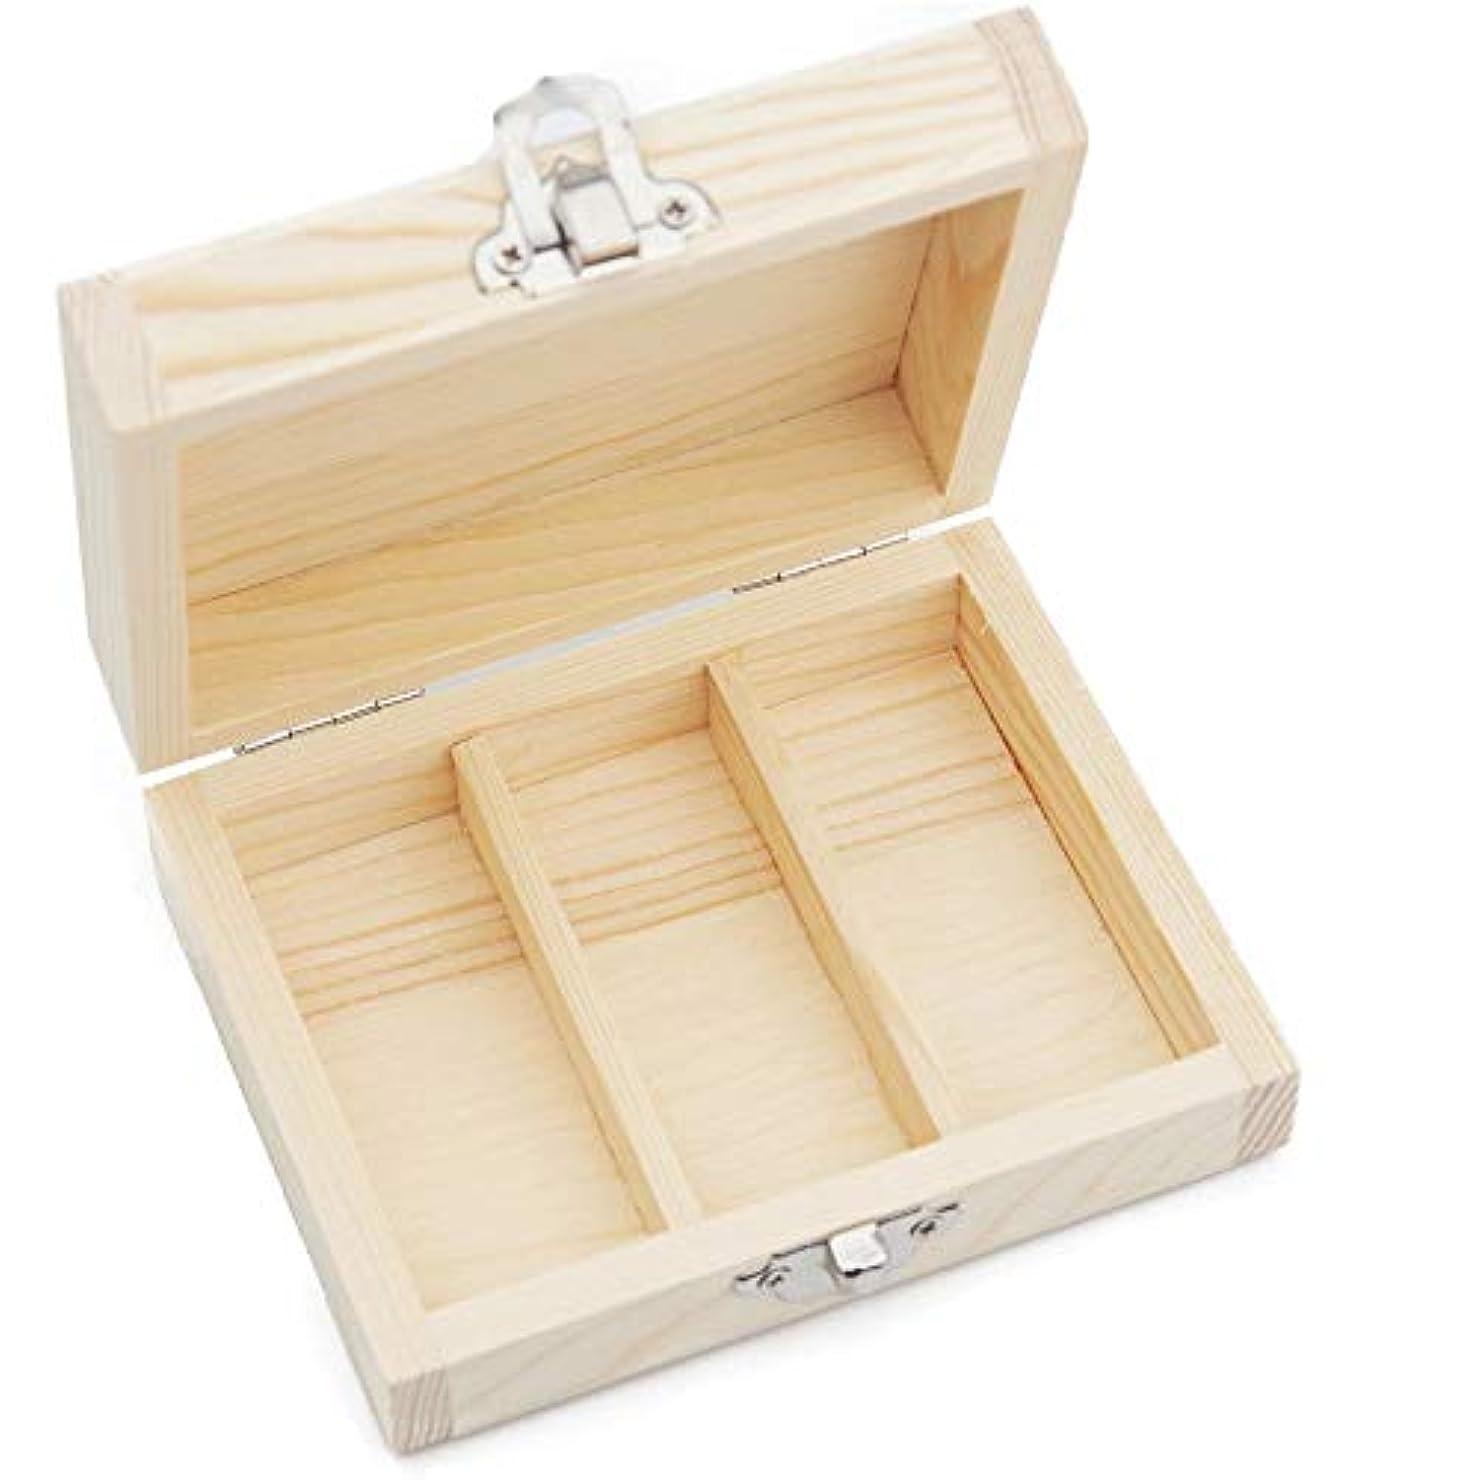 ほのめかす名誉ある興奮エッセンシャルオイルボックス オイル主催ケースの3スロットウッドオイルボックス3つの15ミリリットル瓶 アロマセラピー収納ボックス (色 : Natural, サイズ : 11X8.5X4.5CM)